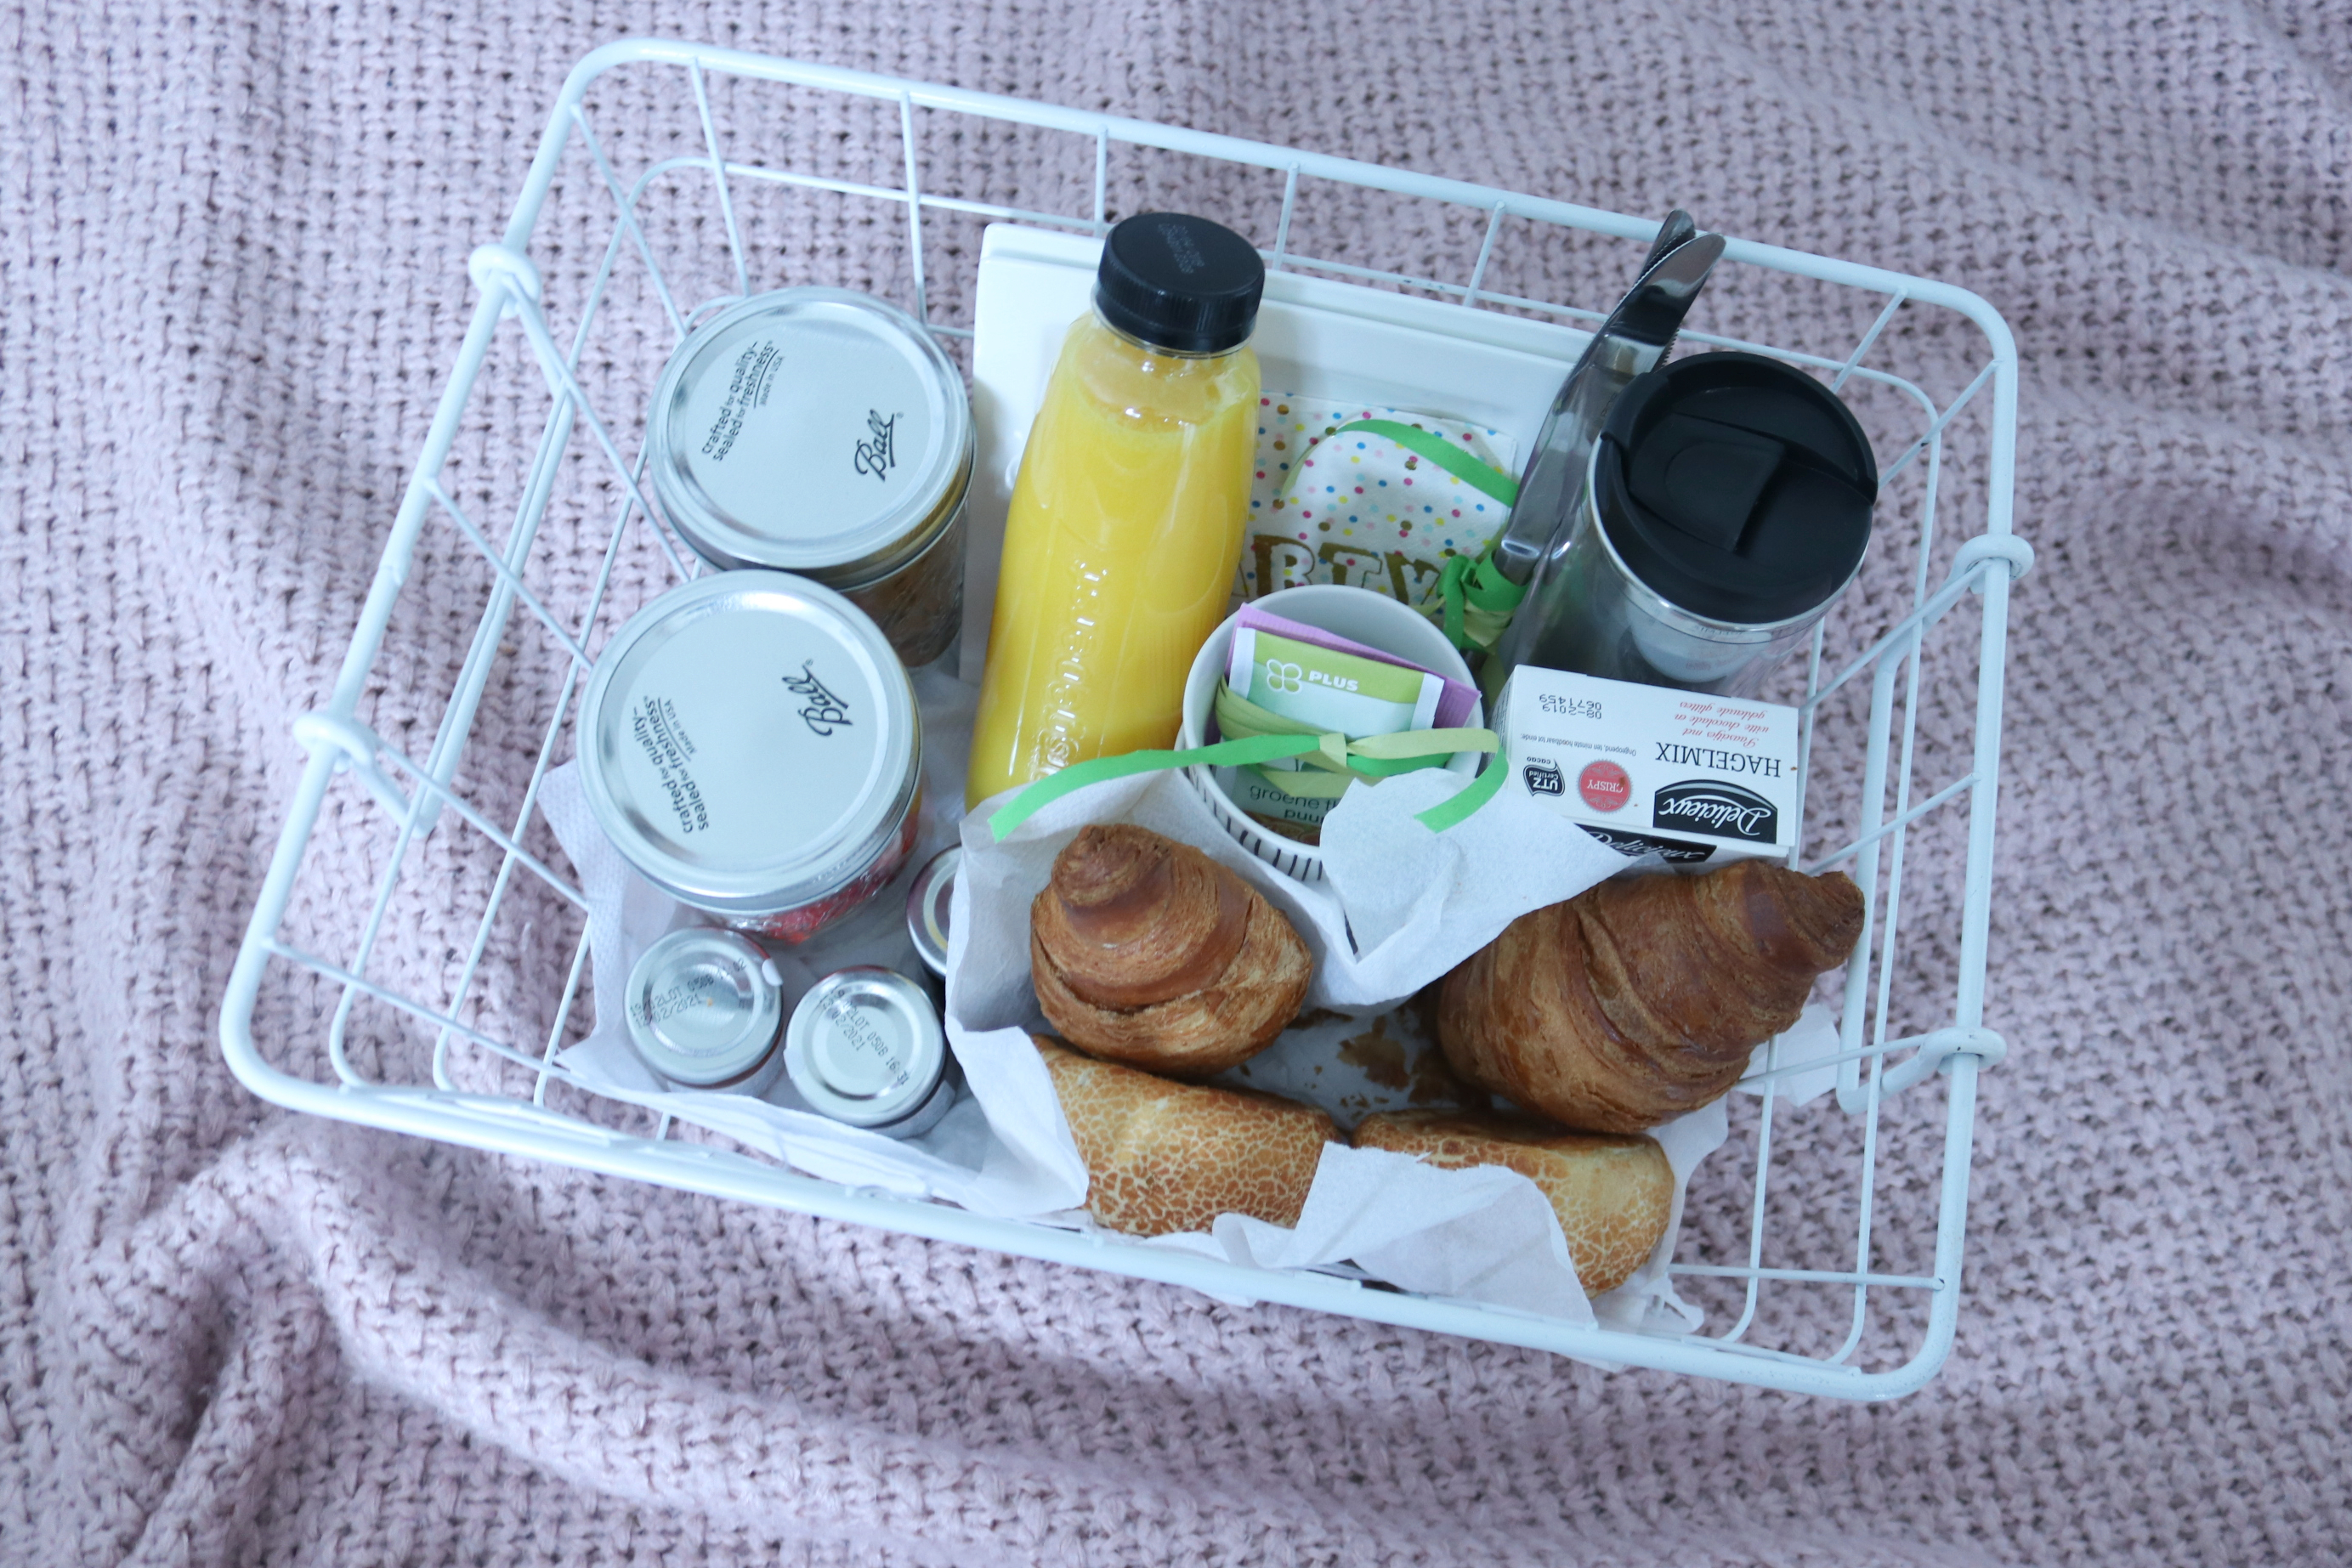 Cadeautip: ontbijtmandje, Cadeautip, ontbijtmandje, ontbijt op ed, verjaardag cadeautip,